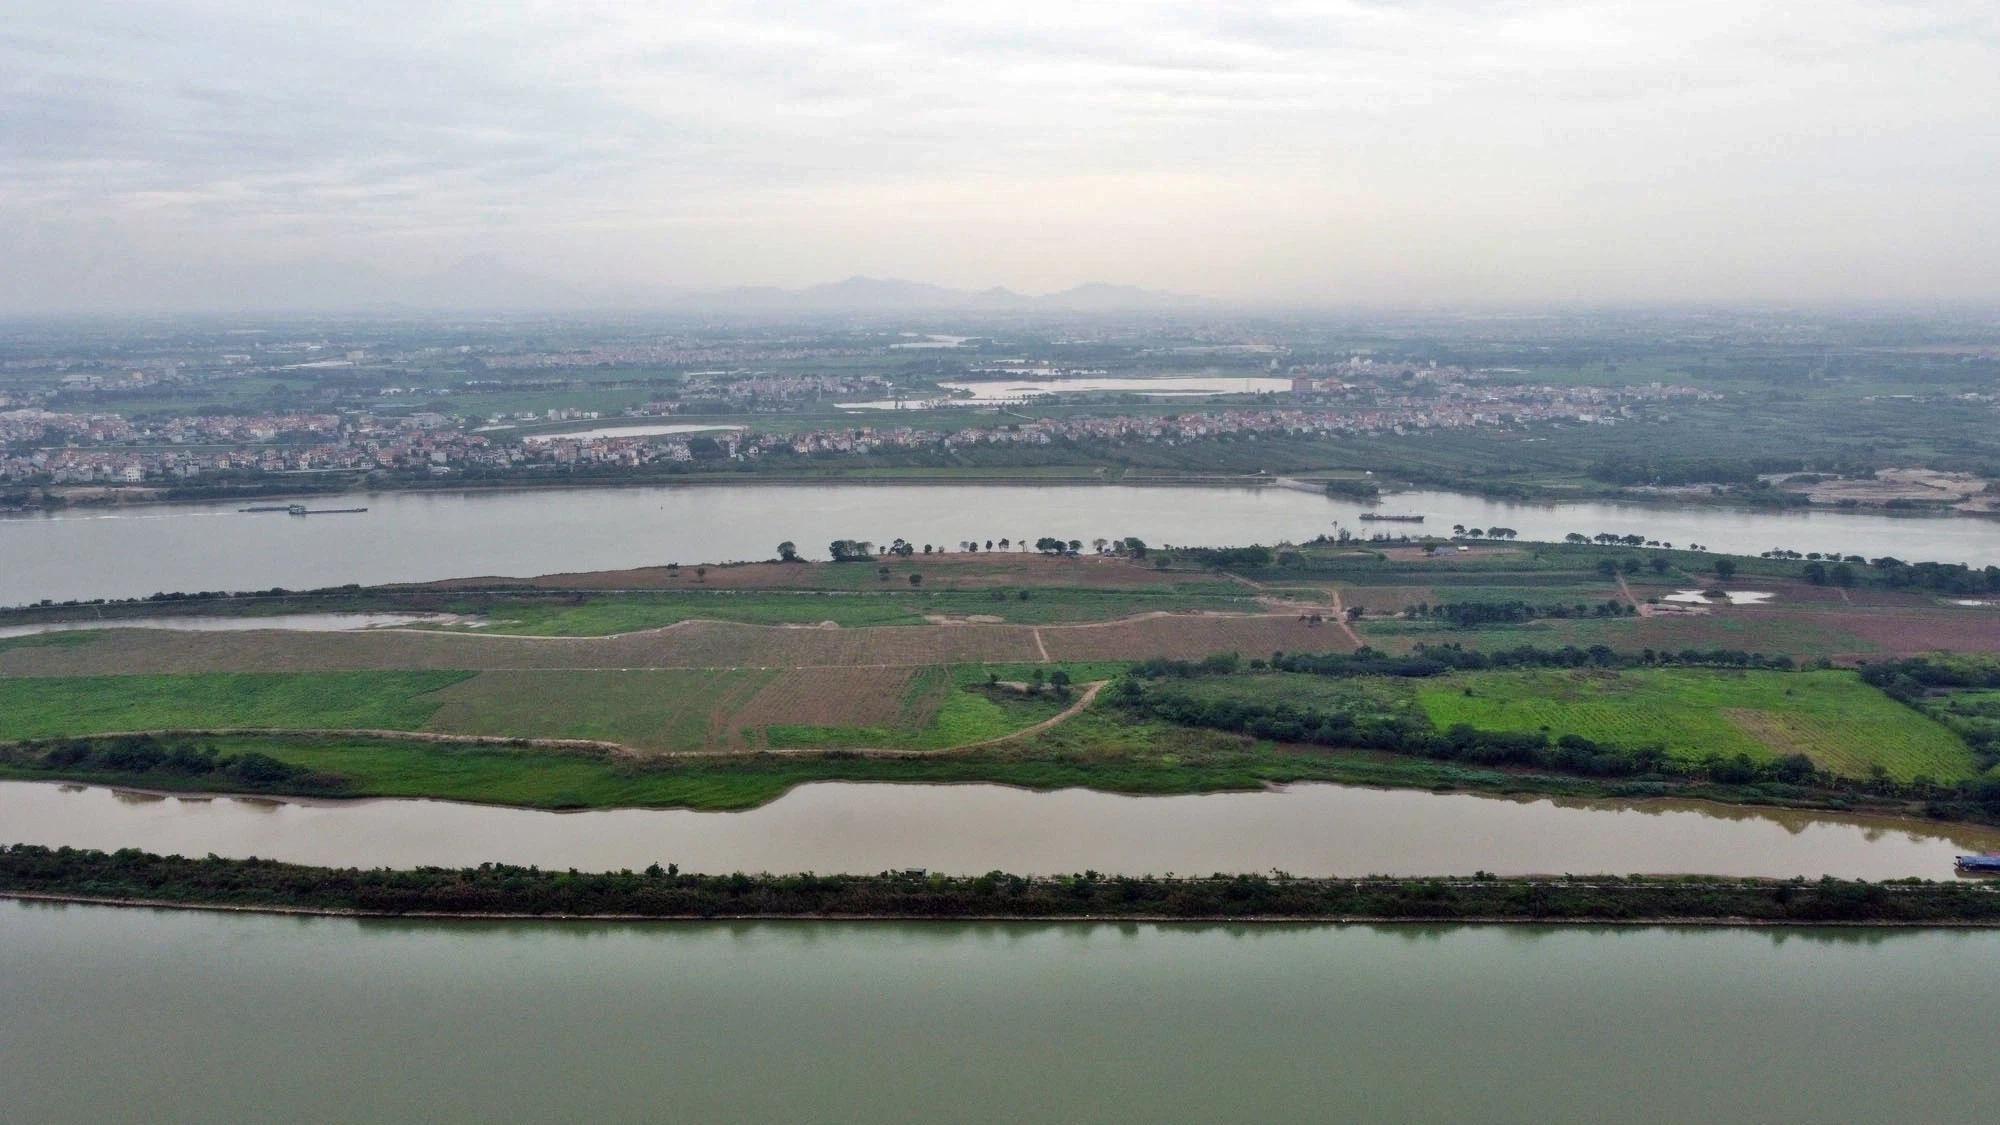 Toàn cảnh hiện trạng Phân khu đô thị sông Hồng trên địa bàn quận Tây Hồ - Ảnh 12.